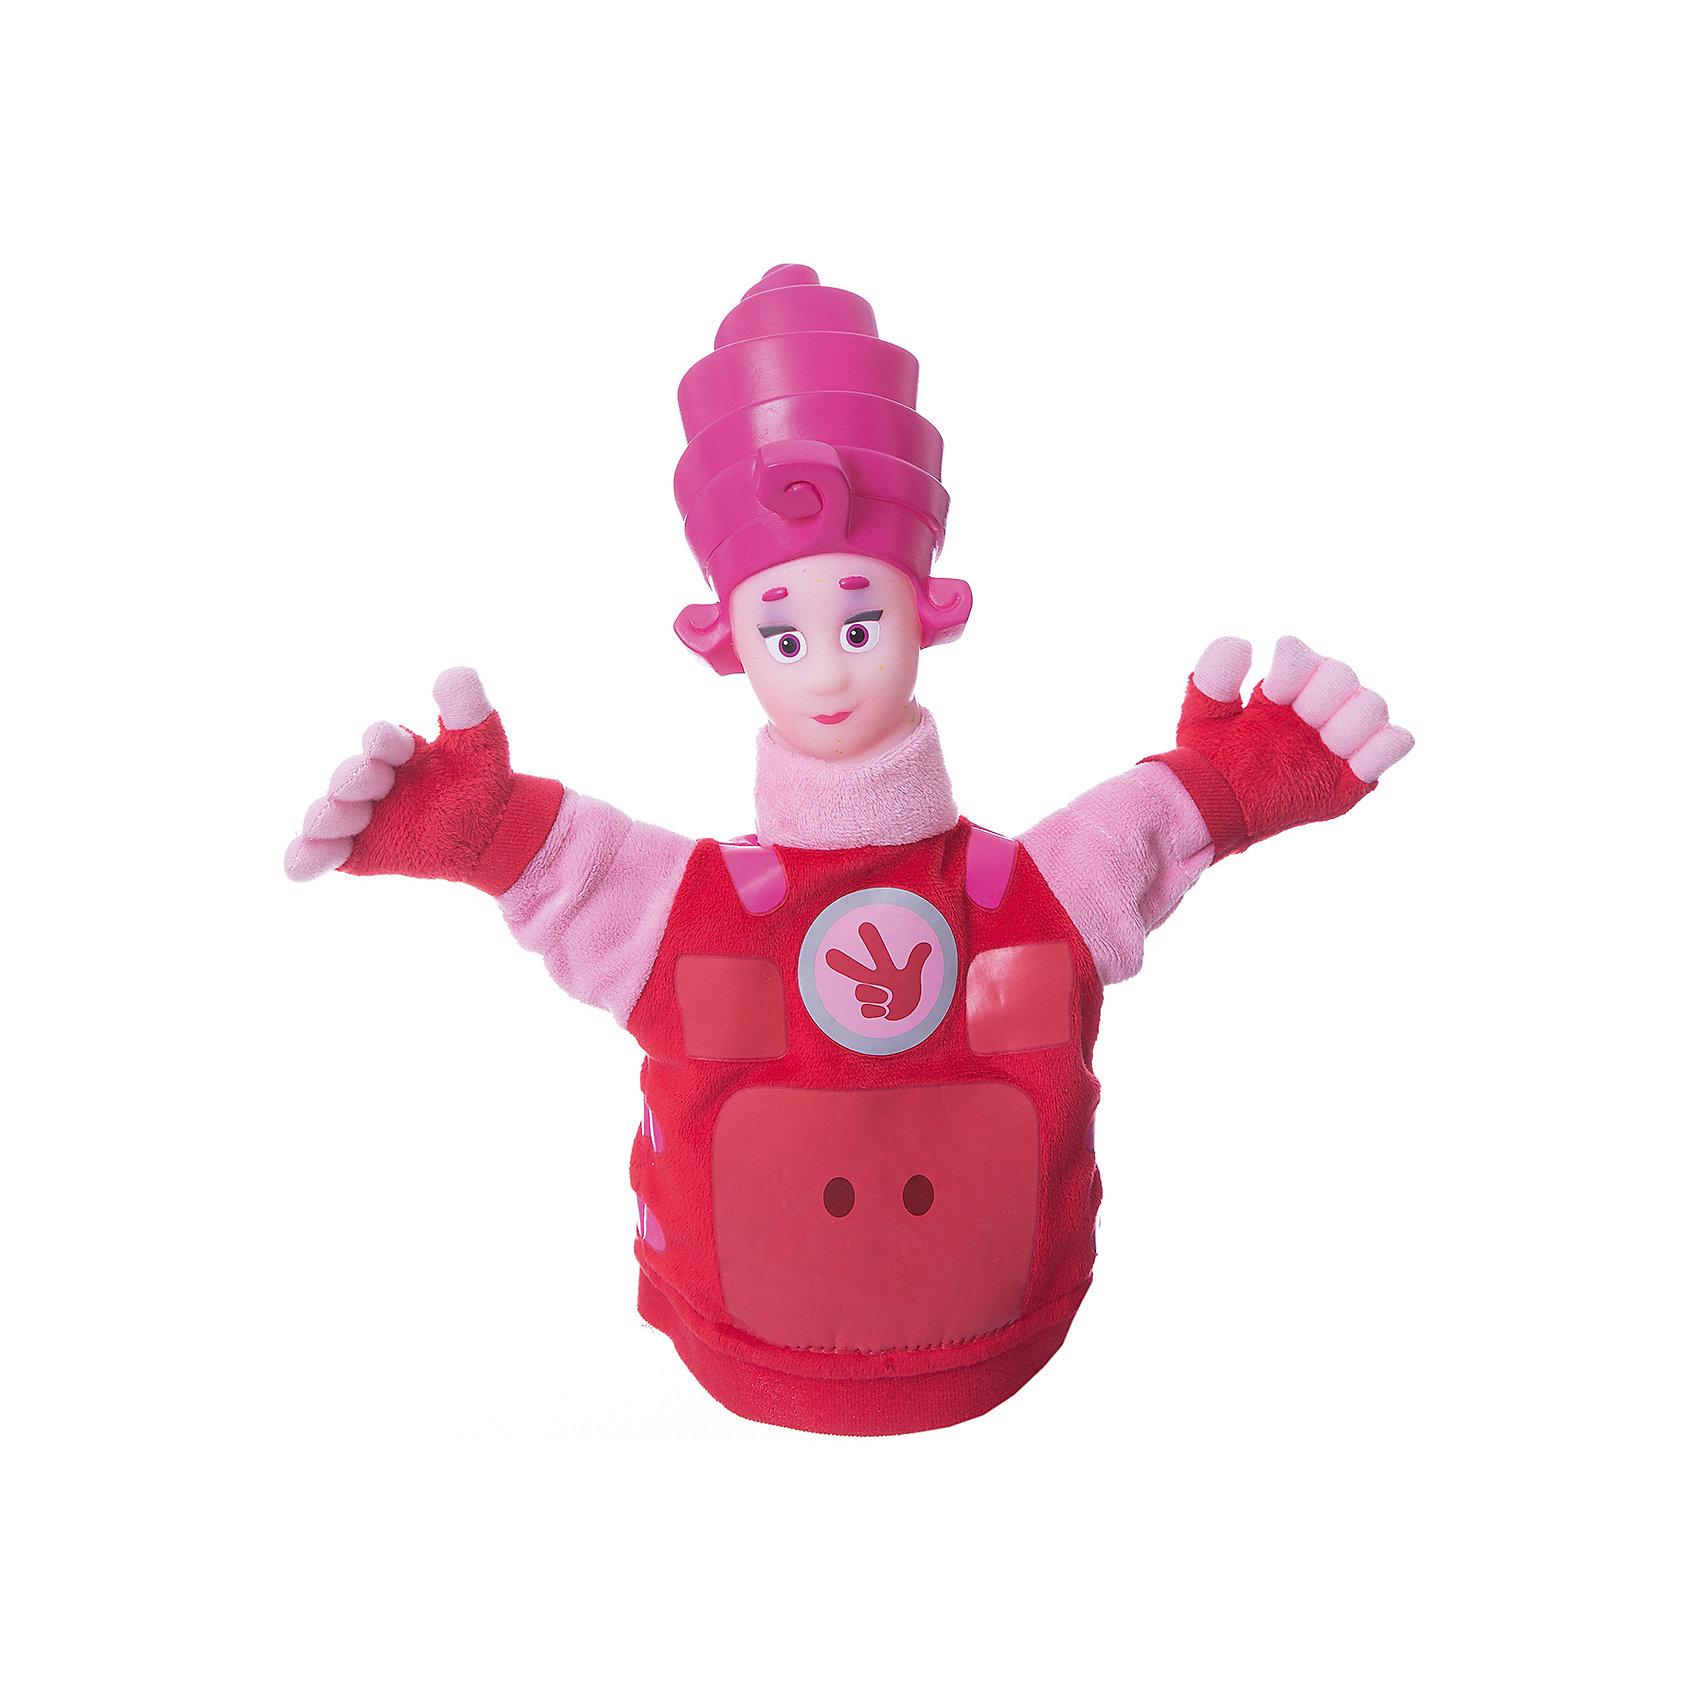 Мягкая игрушка Кукла на руку. МасяКлассические куклы<br>Кукольный театр - это так весело! Многие дети обожают сами устраивать представления или смотреть, как это делают взрослые. Сделать это занятие веселее помогут герои из мультфильма Фиксики. Кукла Мася - это отличный способ провести время интересно.<br>Эта игрушка обязательно порадует ребенка! Игра с ней помогает детям развивать мелкую моторику и творческое мышление. Игрушка сделана из качественных и безопасных для ребенка материалов.<br><br>Дополнительная информация:<br><br>цвет: разноцветный;<br>высота: 25 см.<br>вес: 250 г;<br>материал: текстиль, пластик.<br><br>Мягкую игрушку Кукла на руку. Мася можно купить в нашем магазине.<br><br>Ширина мм: 80<br>Глубина мм: 260<br>Высота мм: 310<br>Вес г: 250<br>Возраст от месяцев: 36<br>Возраст до месяцев: 60<br>Пол: Женский<br>Возраст: Детский<br>SKU: 4913615